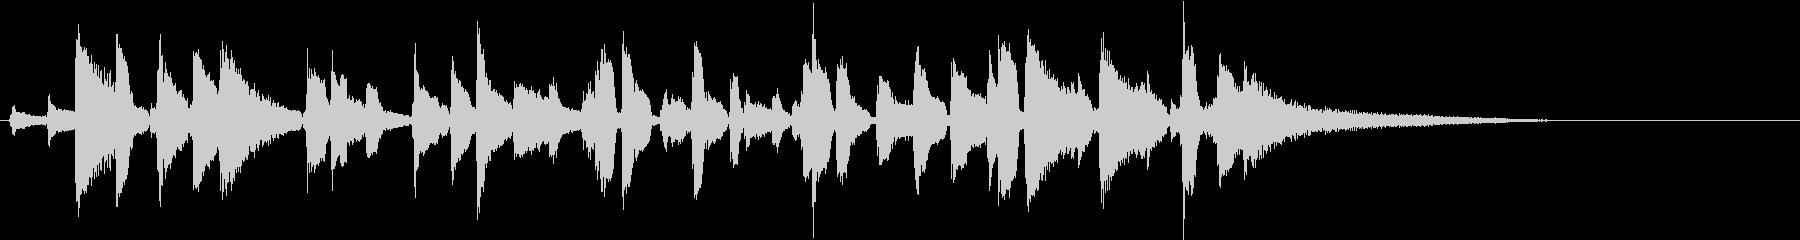 高音質ジャズピアノの短いジングル20秒の未再生の波形